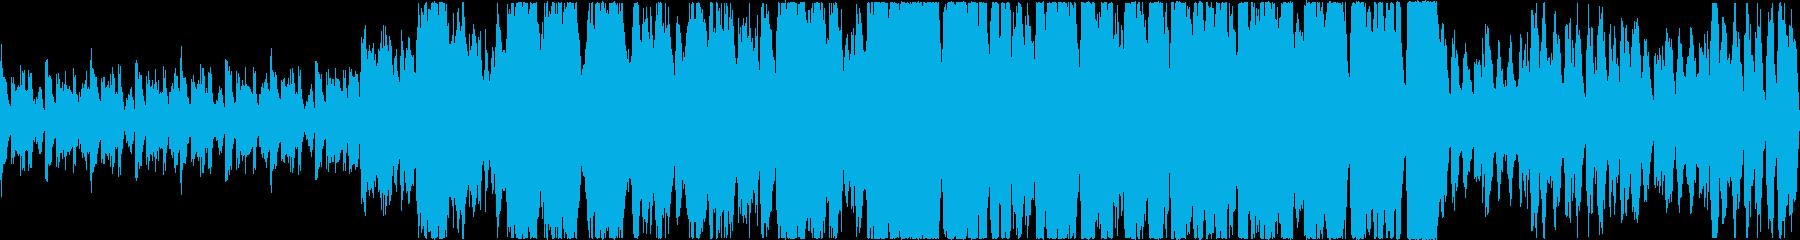 勇壮なイメージのオーケストラ(マーチ)曲の再生済みの波形